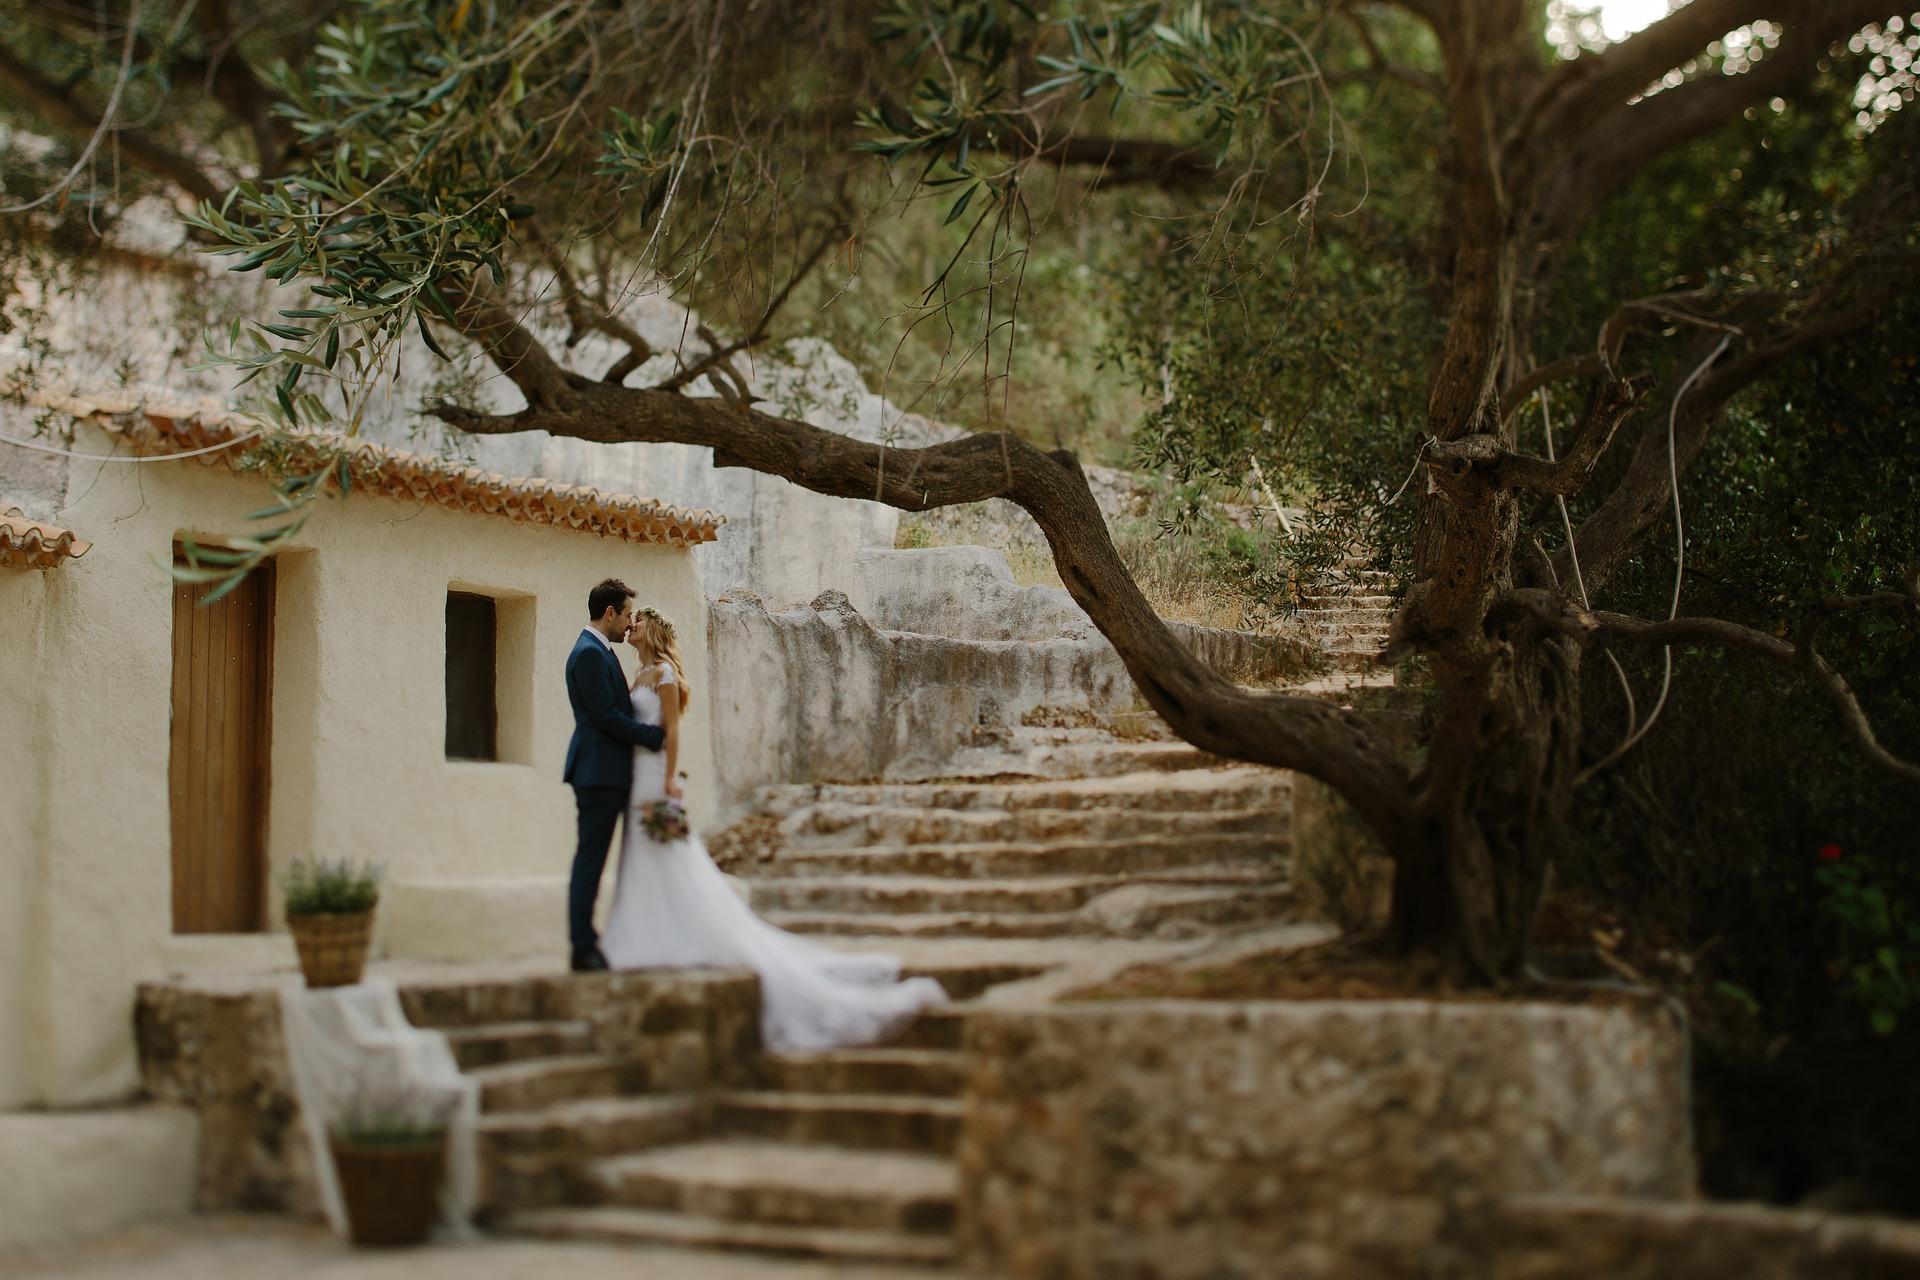 Un mariage en faveur de la reforestation avec Marie-Svetlana, Wedding planner éthique